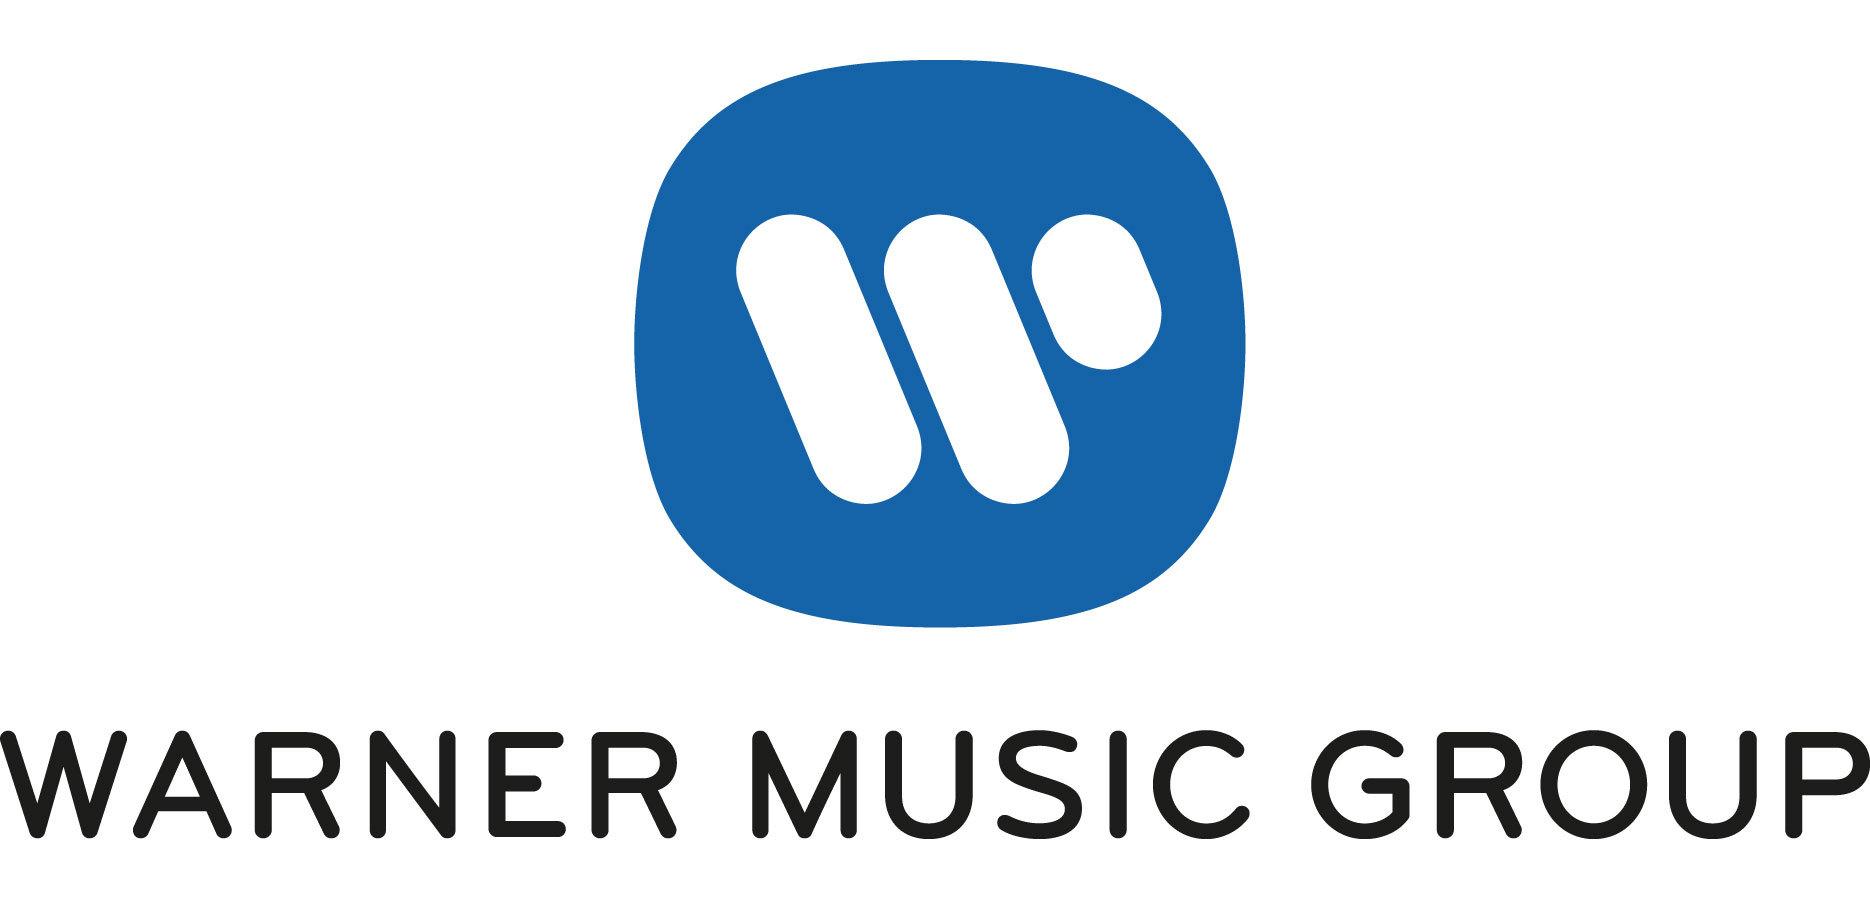 WMG_logo.jpg